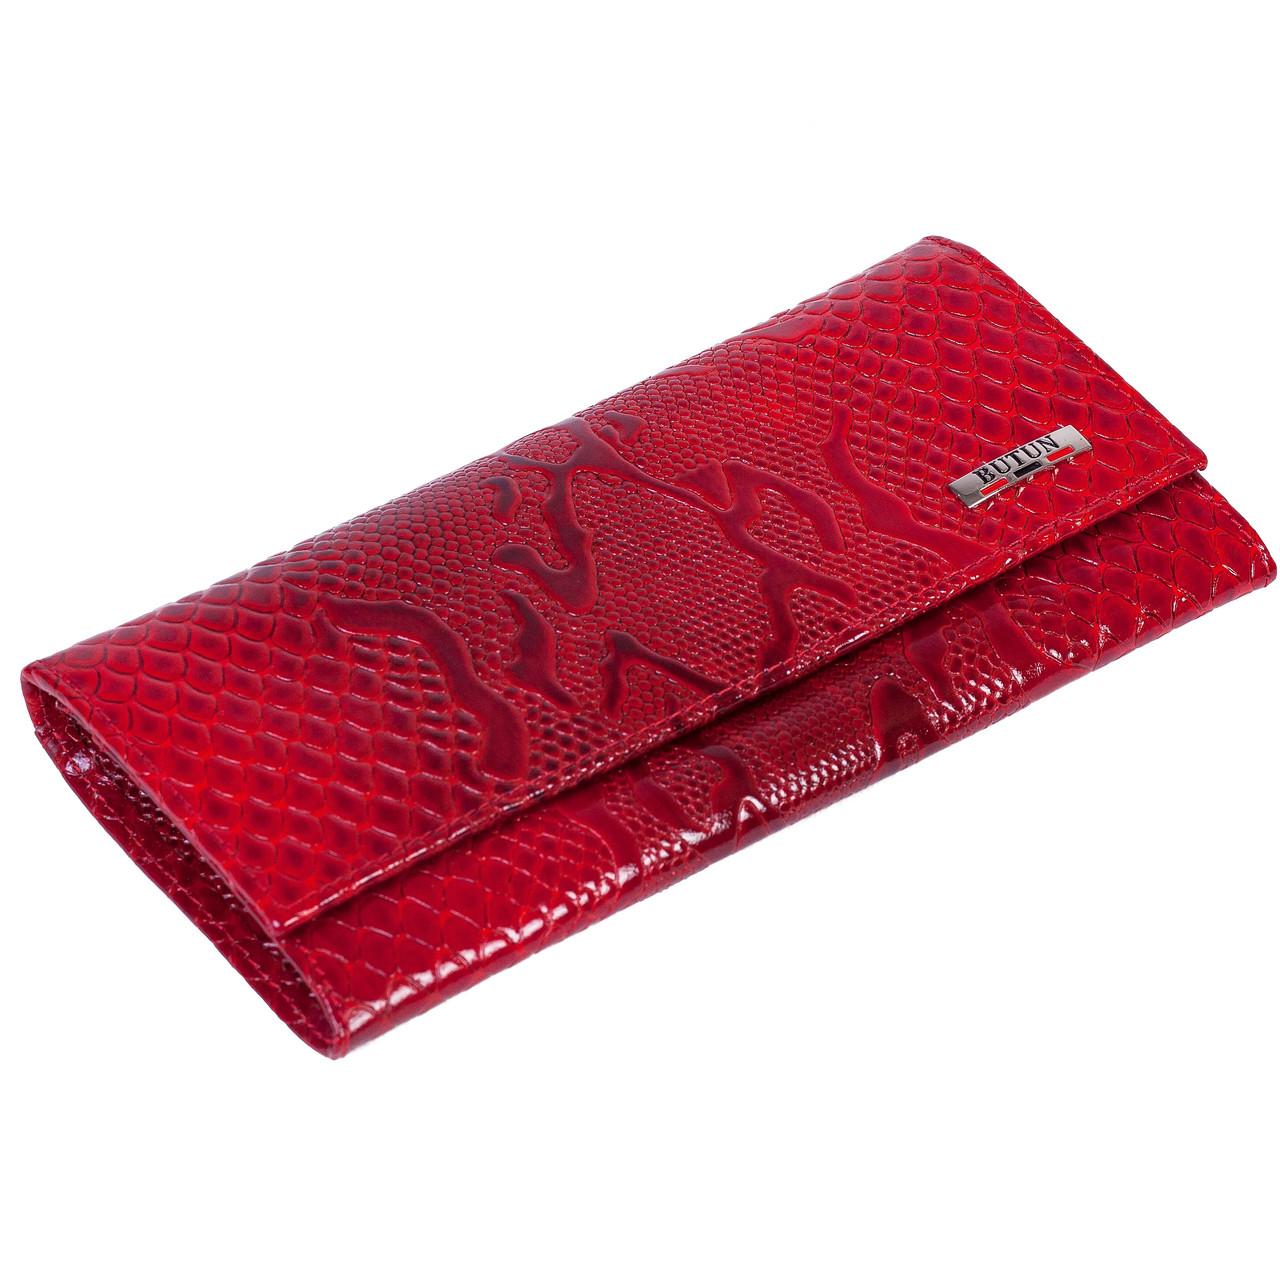 Женский кошелек Butun 567-008-006 кожаный красный